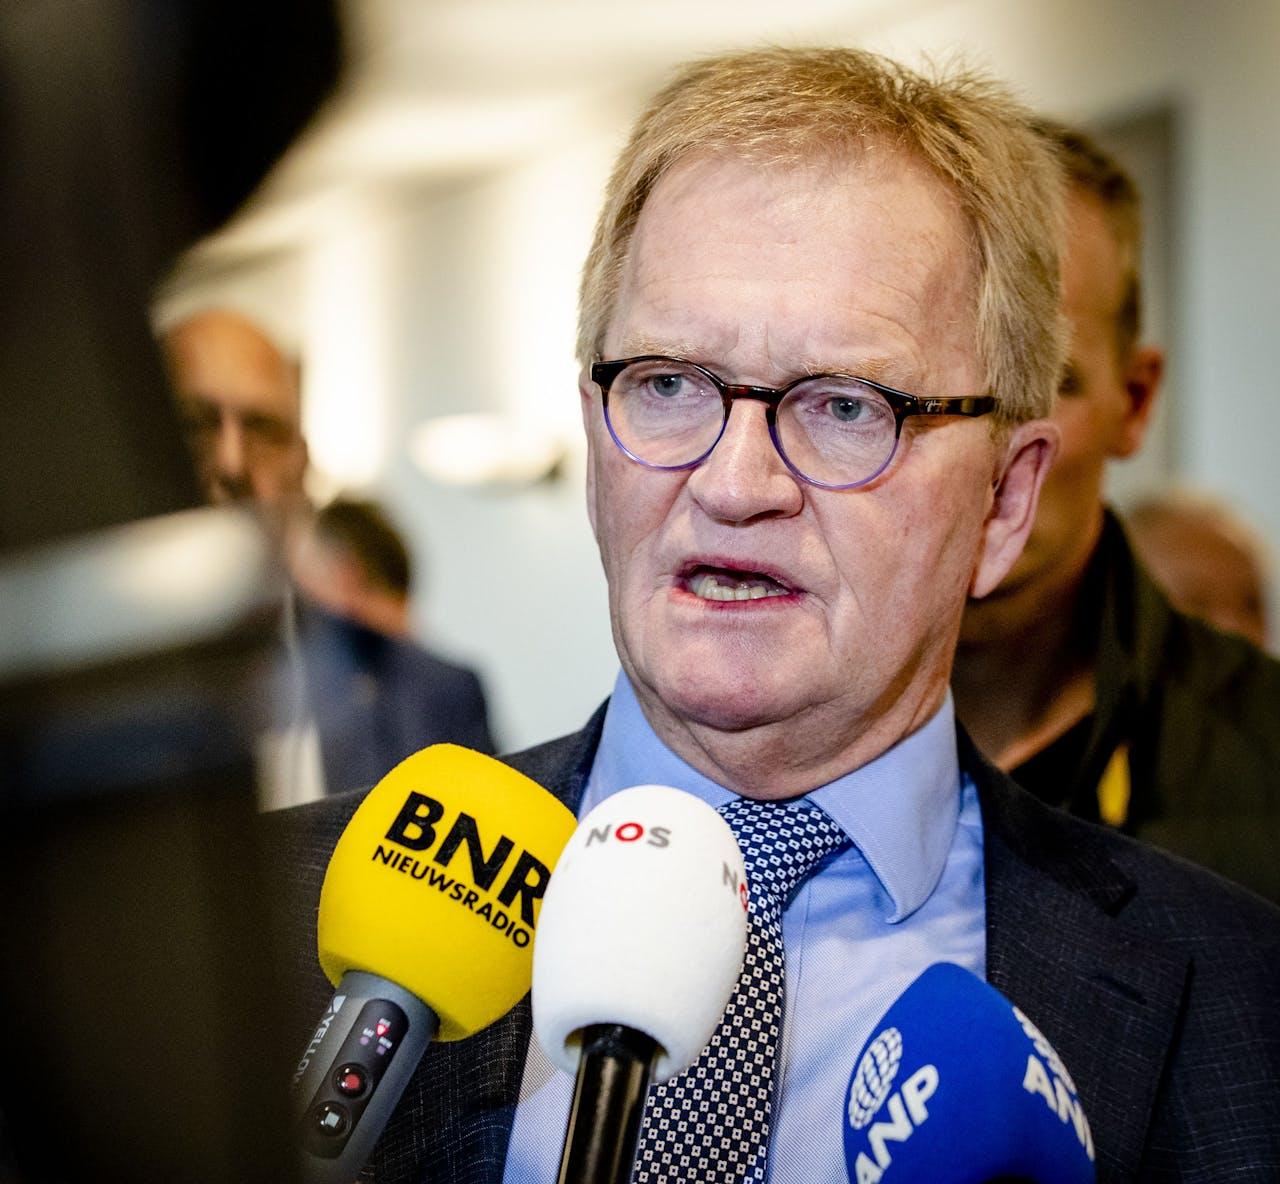 Voorzitter Hans de Boer van VNO-NCW